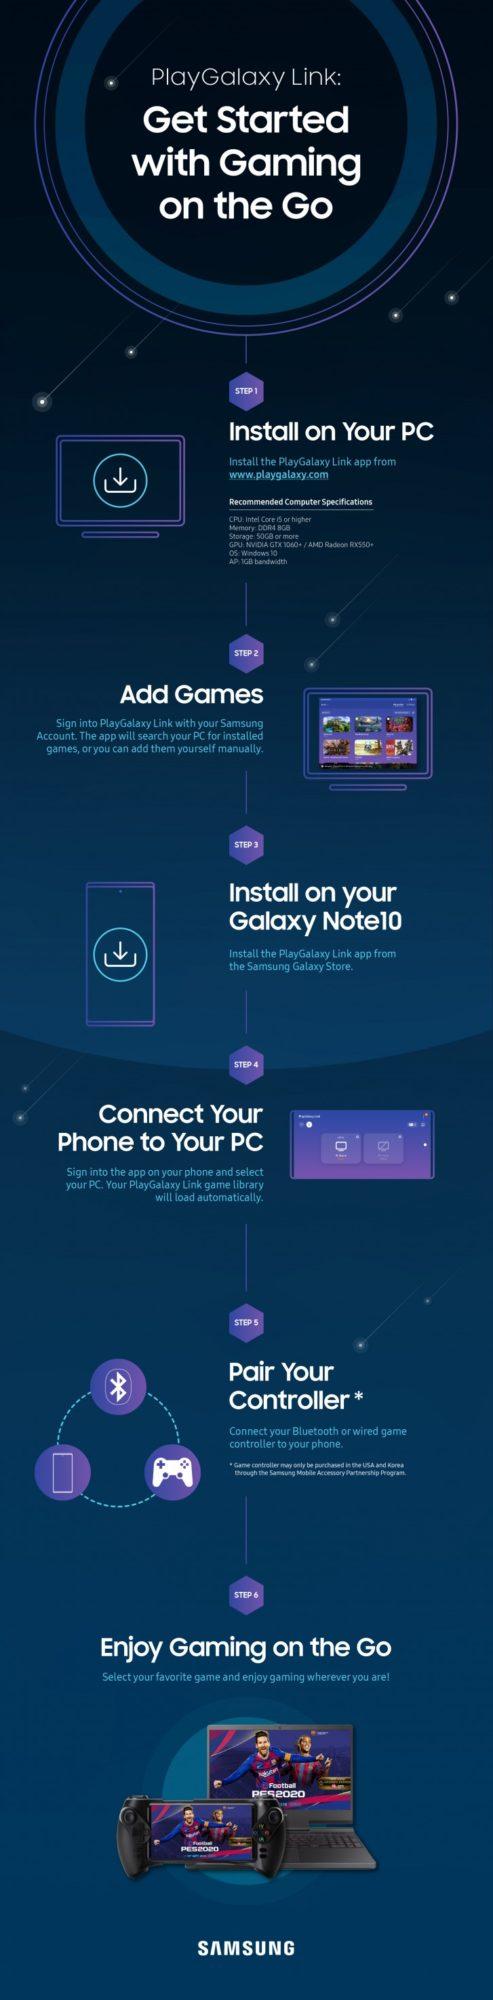 Samsung Galaxy S10 PlayLink